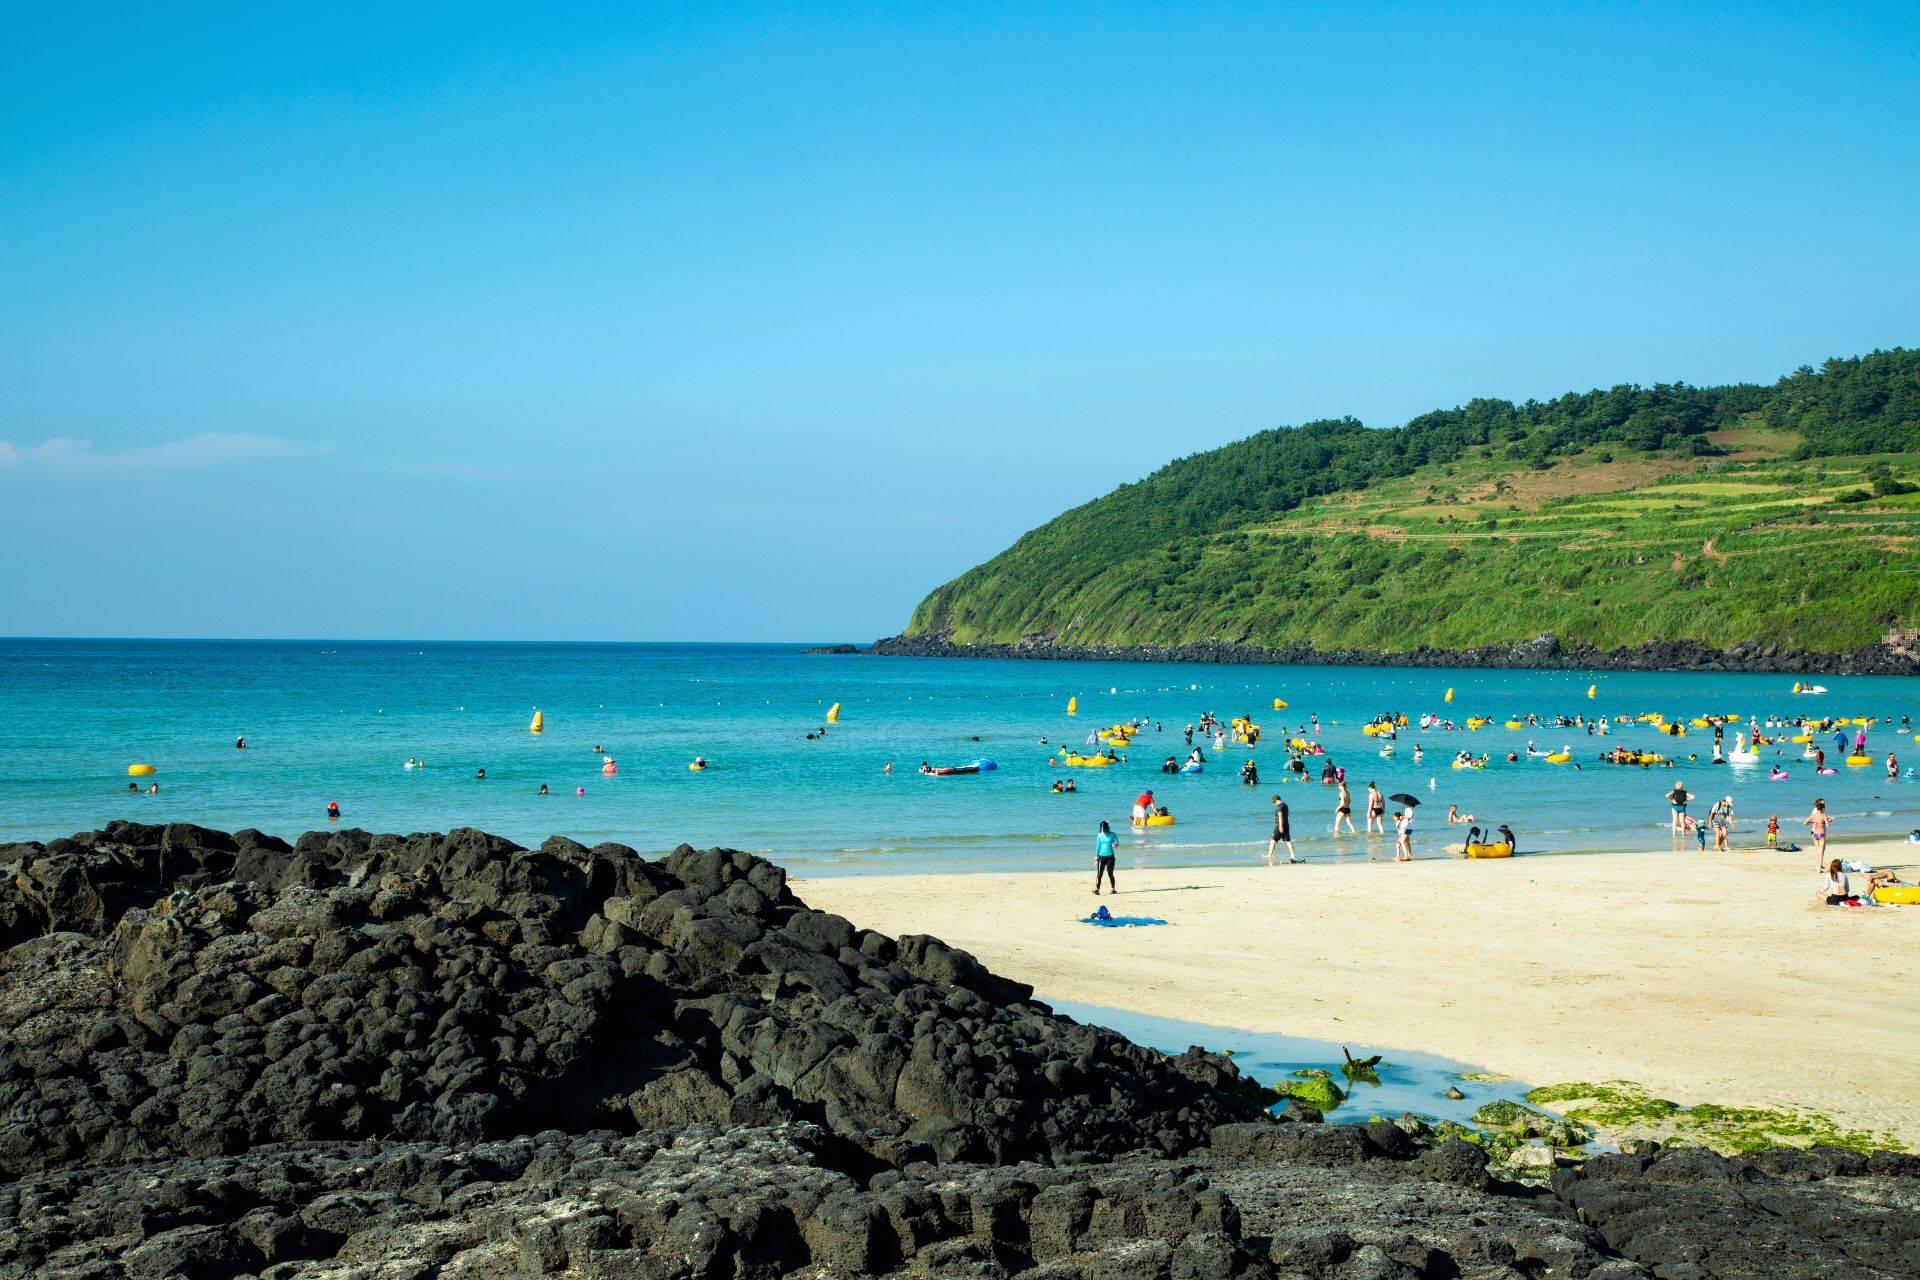 Hamdeok, a praia mais famosa da Ilha de Jeju. Foto: Reprodução/KoreaByMe